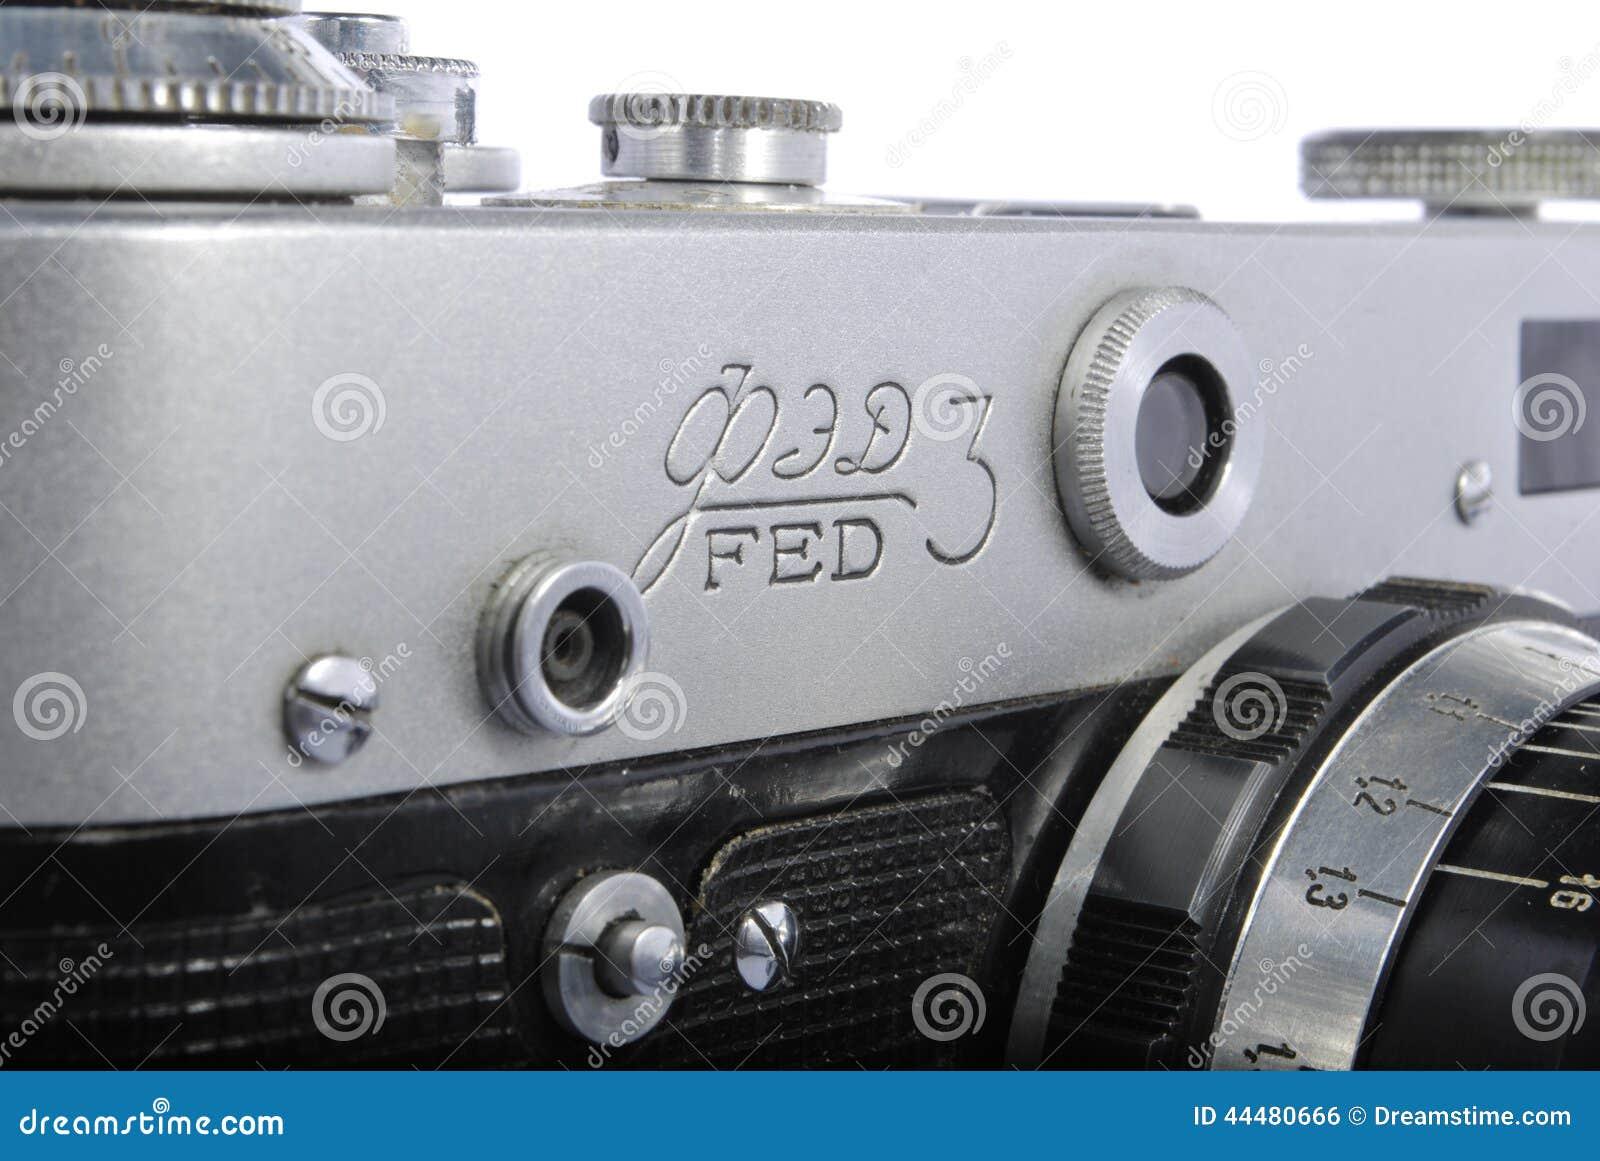 Entfernungsmesser Für Gewehre : Fed 3 russischer entfernungsmesser 35mm industar 61 redaktionelles